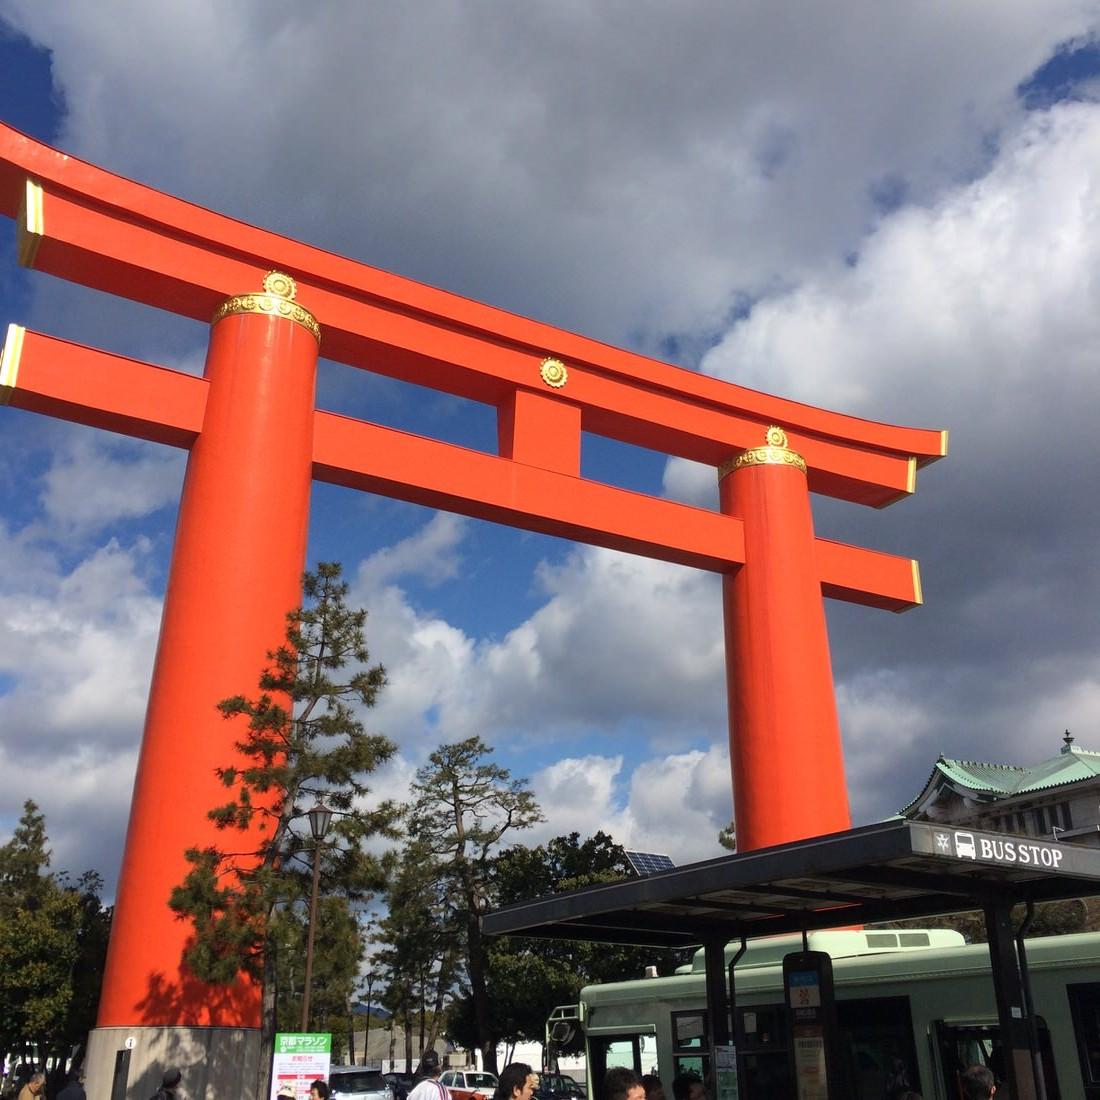 京都マラソン2015に参加!無事完走してきました!感謝の気持ちでいっぱい!